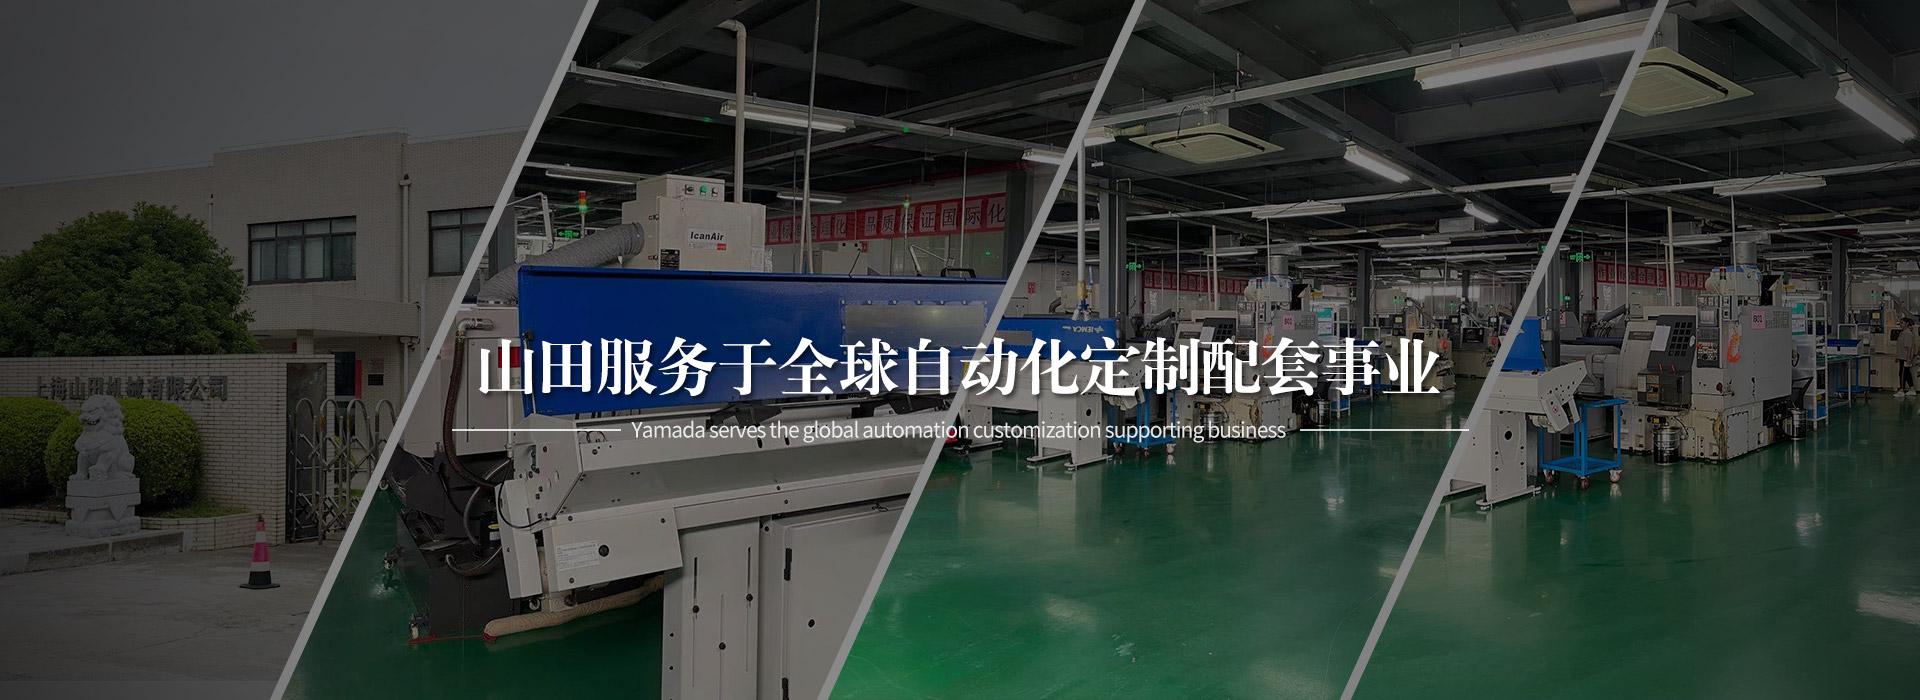 上海山田机械有限公司